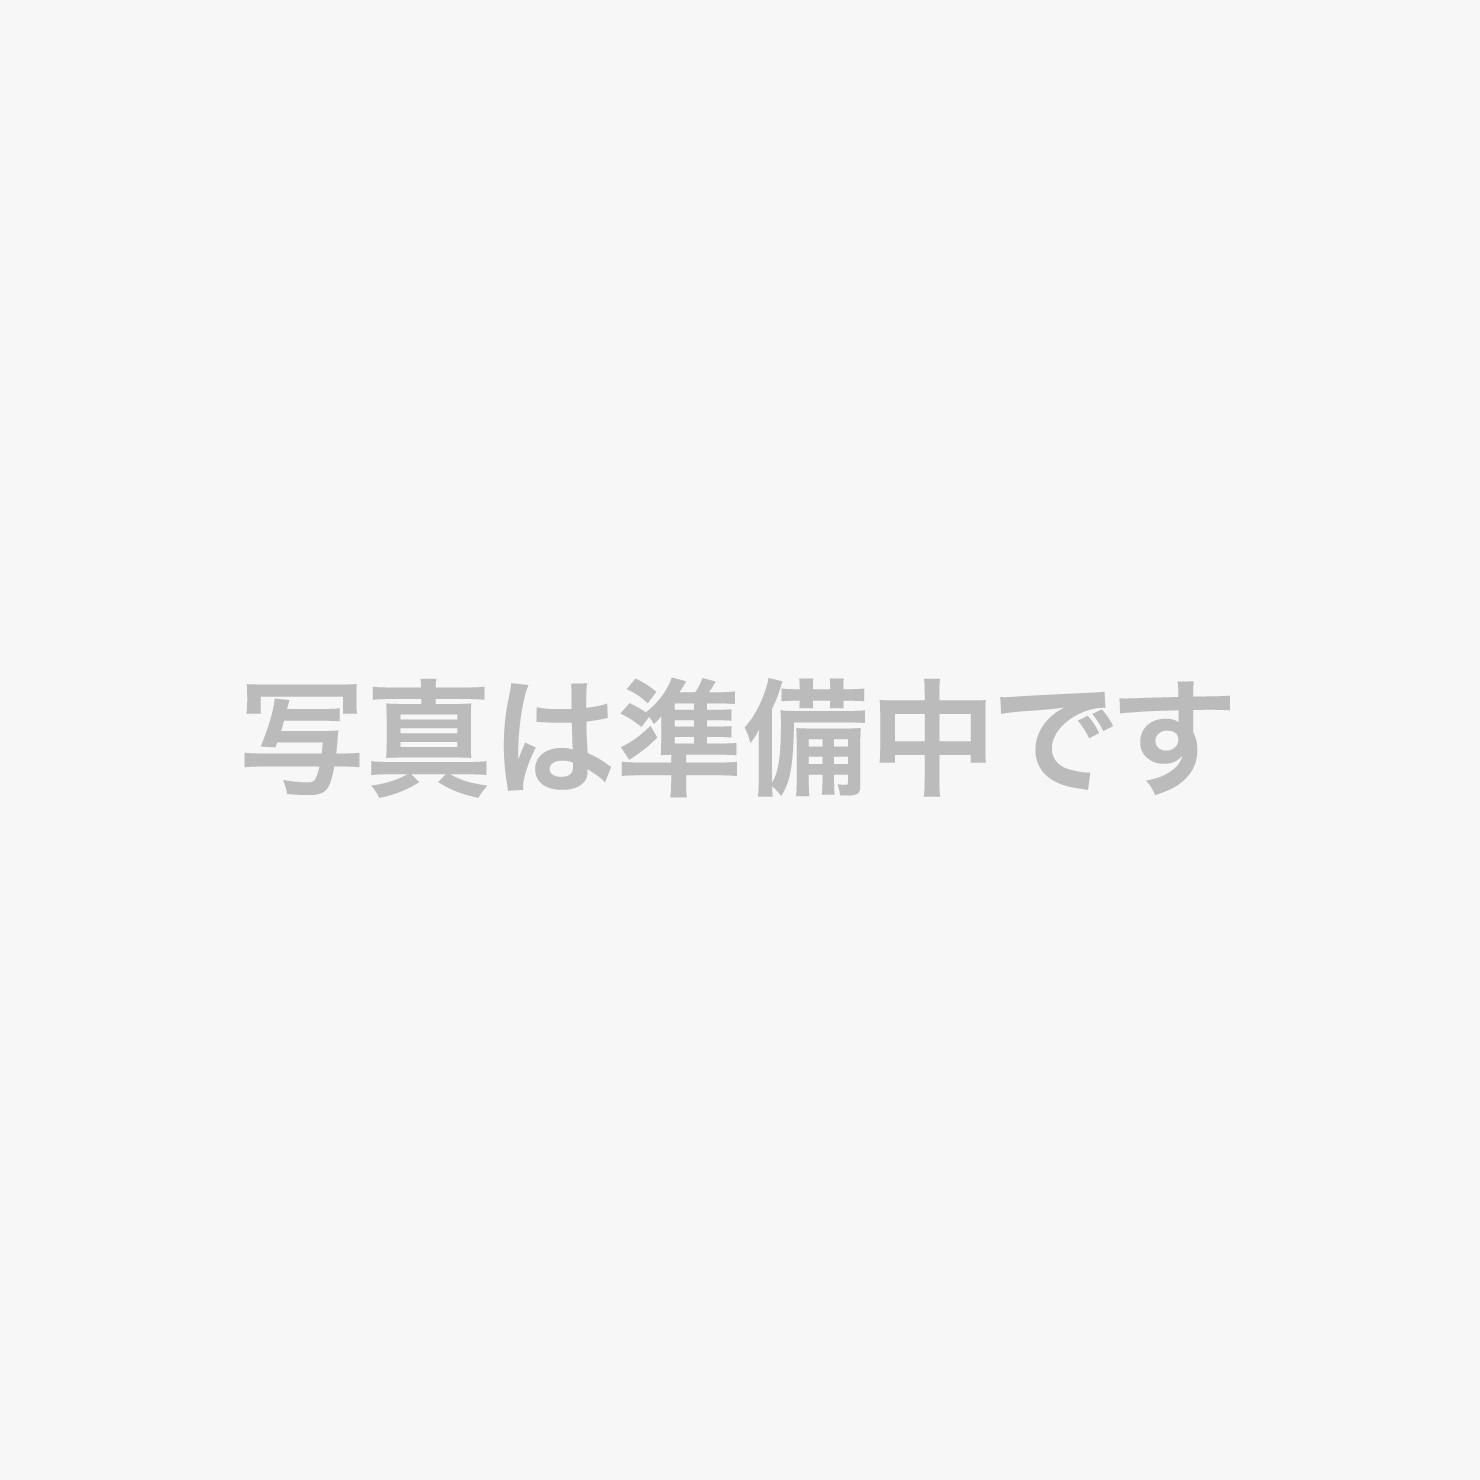 宅配便伝票(ヤマト運輸)